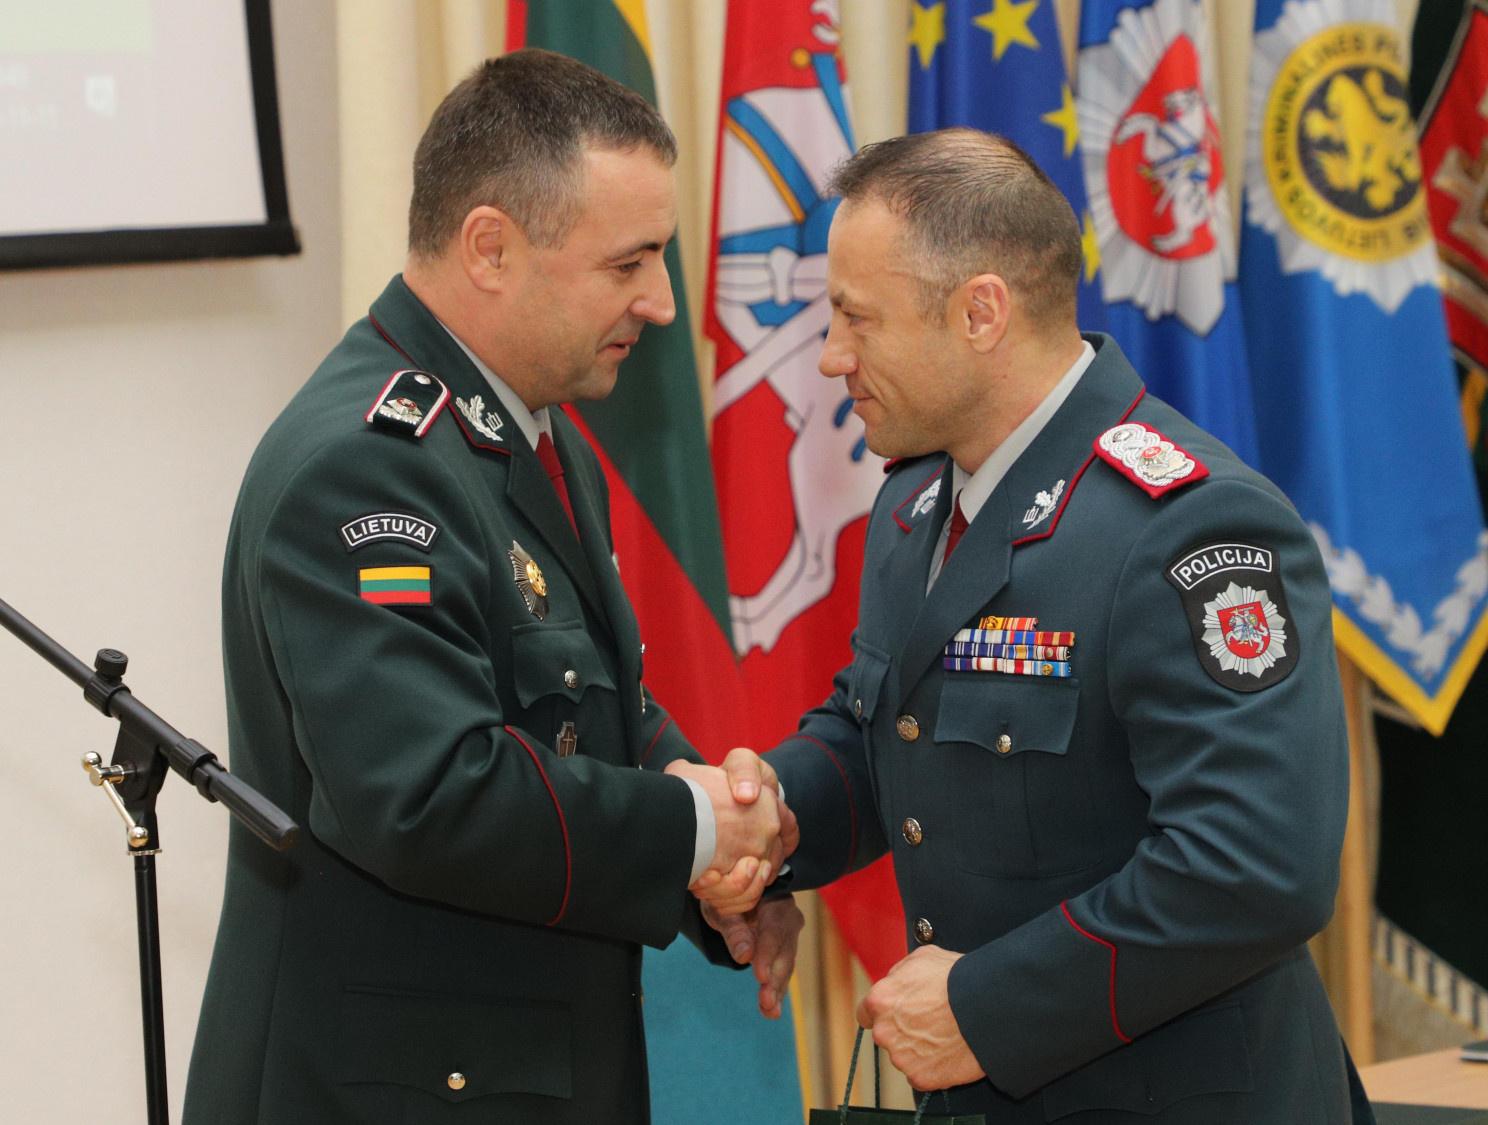 Generalinio komisaro pareigas R. Požėlai perdavęs L. Pernavas jau antradienį tikisi būti paskirtas policijos atašė JK